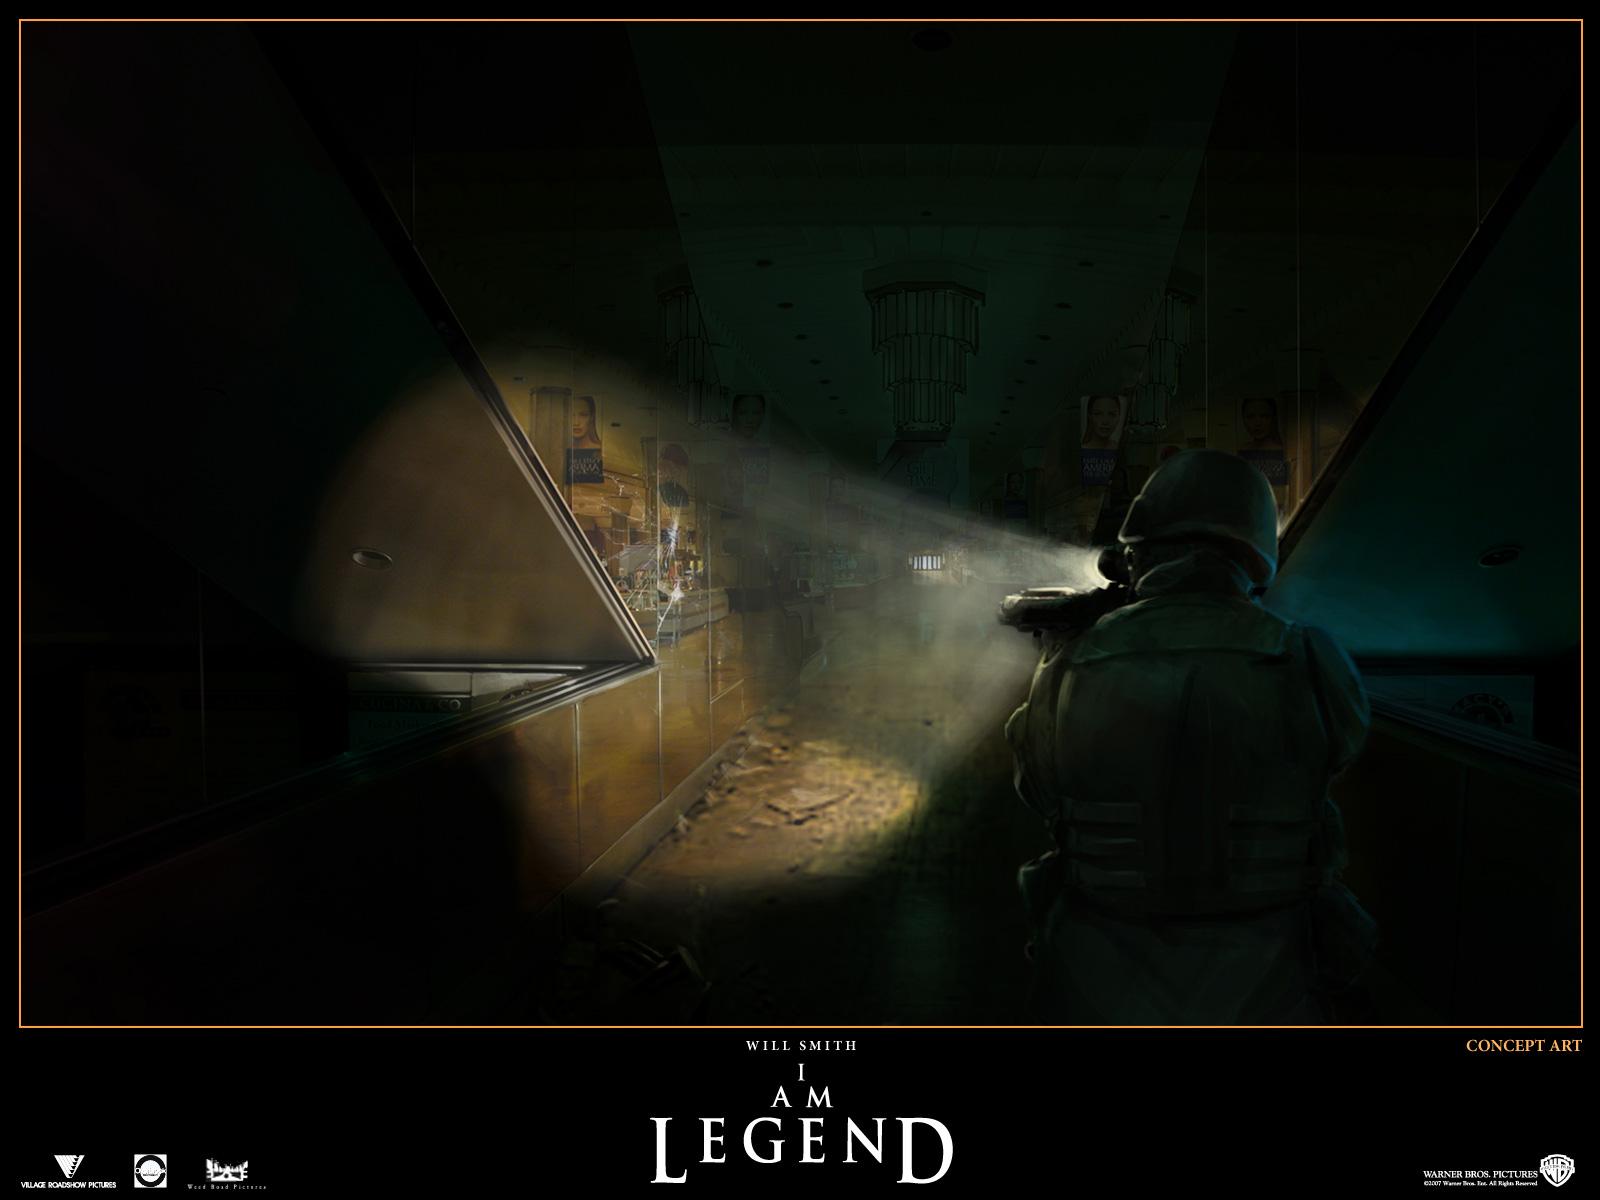 картинки легенда: